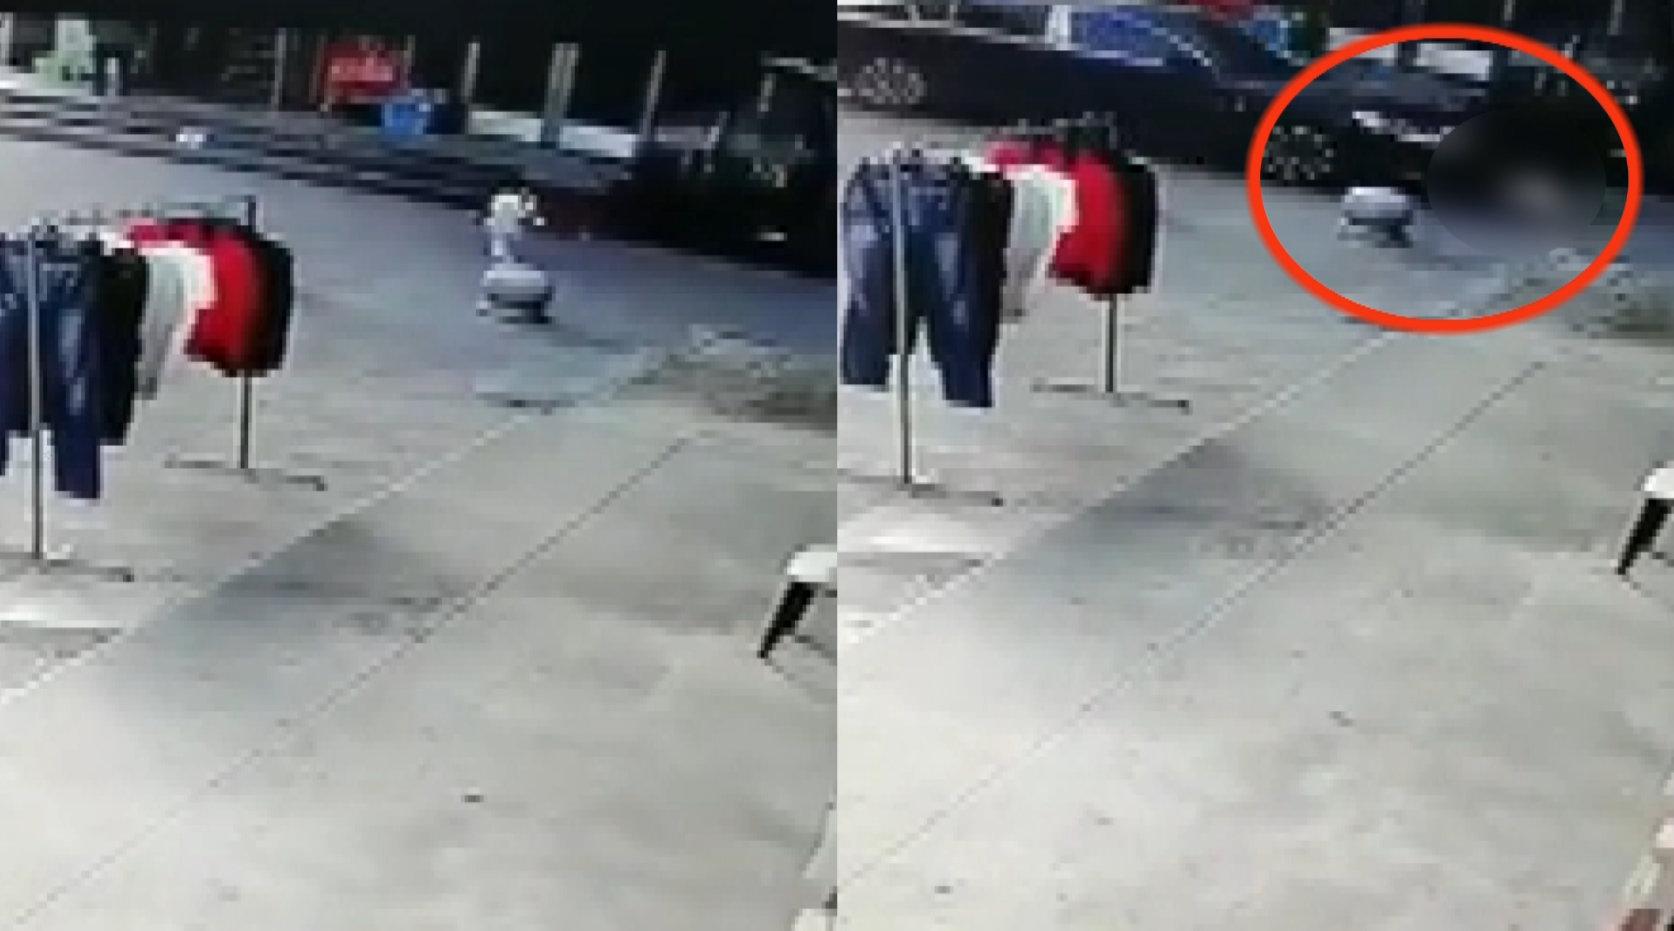 浙江一女孩路边玩耍被卷车底,被拦停时驾驶员一脸懵